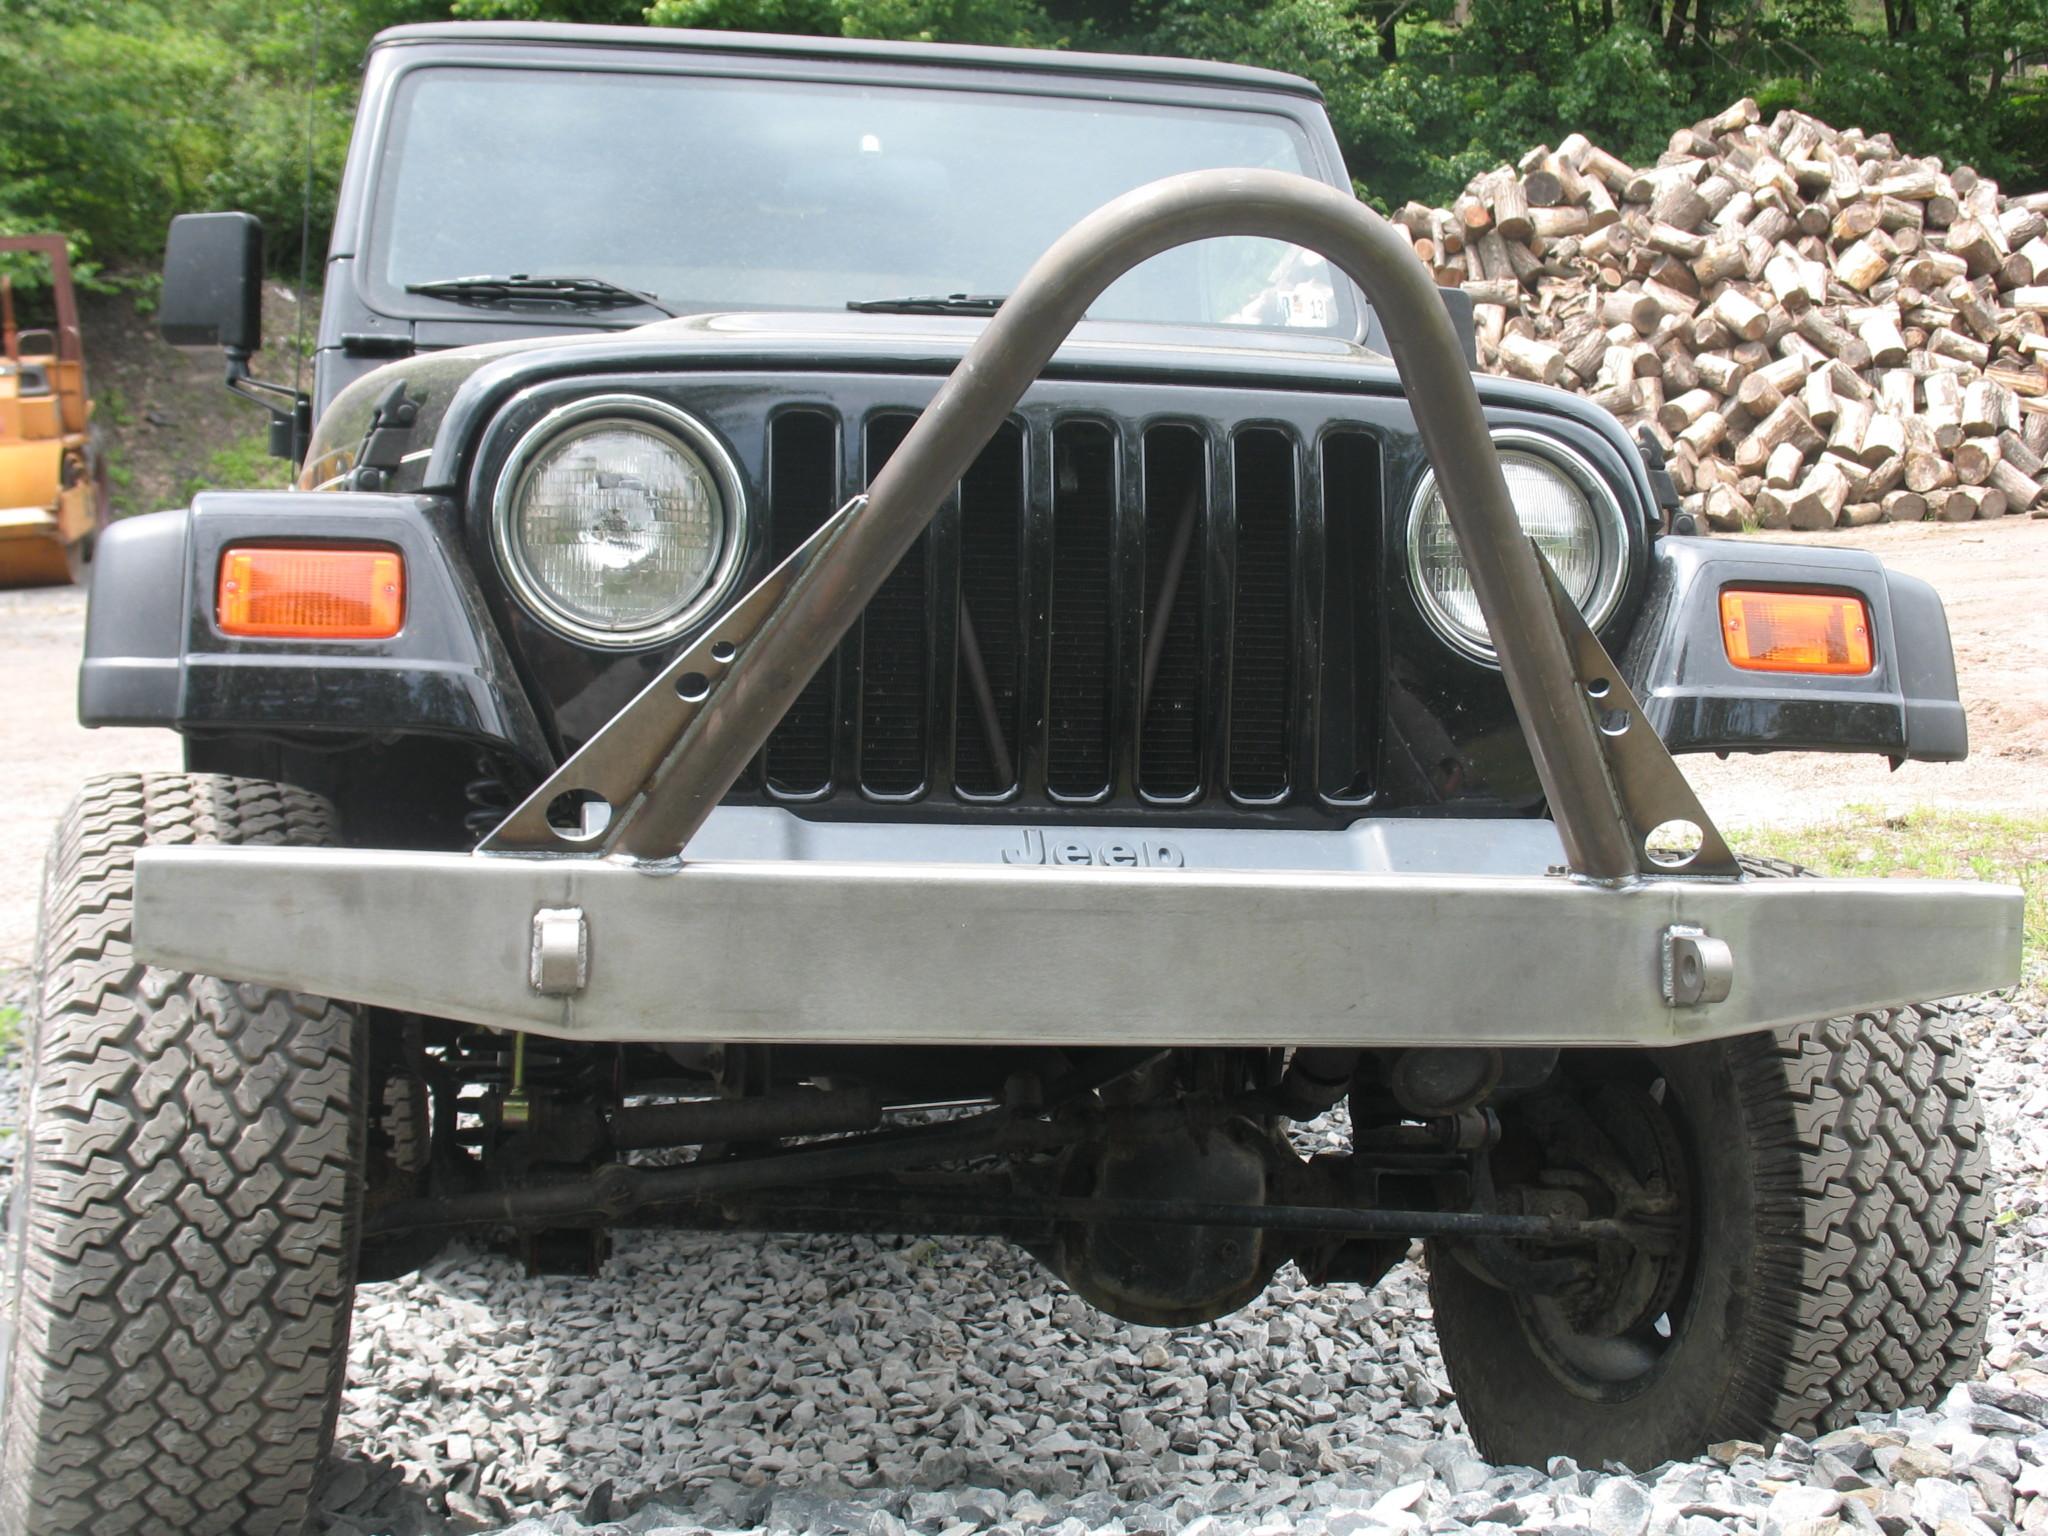 Elite Stinger Front Bumper - Jeep CJ/YJ/TJ/LJ ('54-'06) - Affordable Offroad